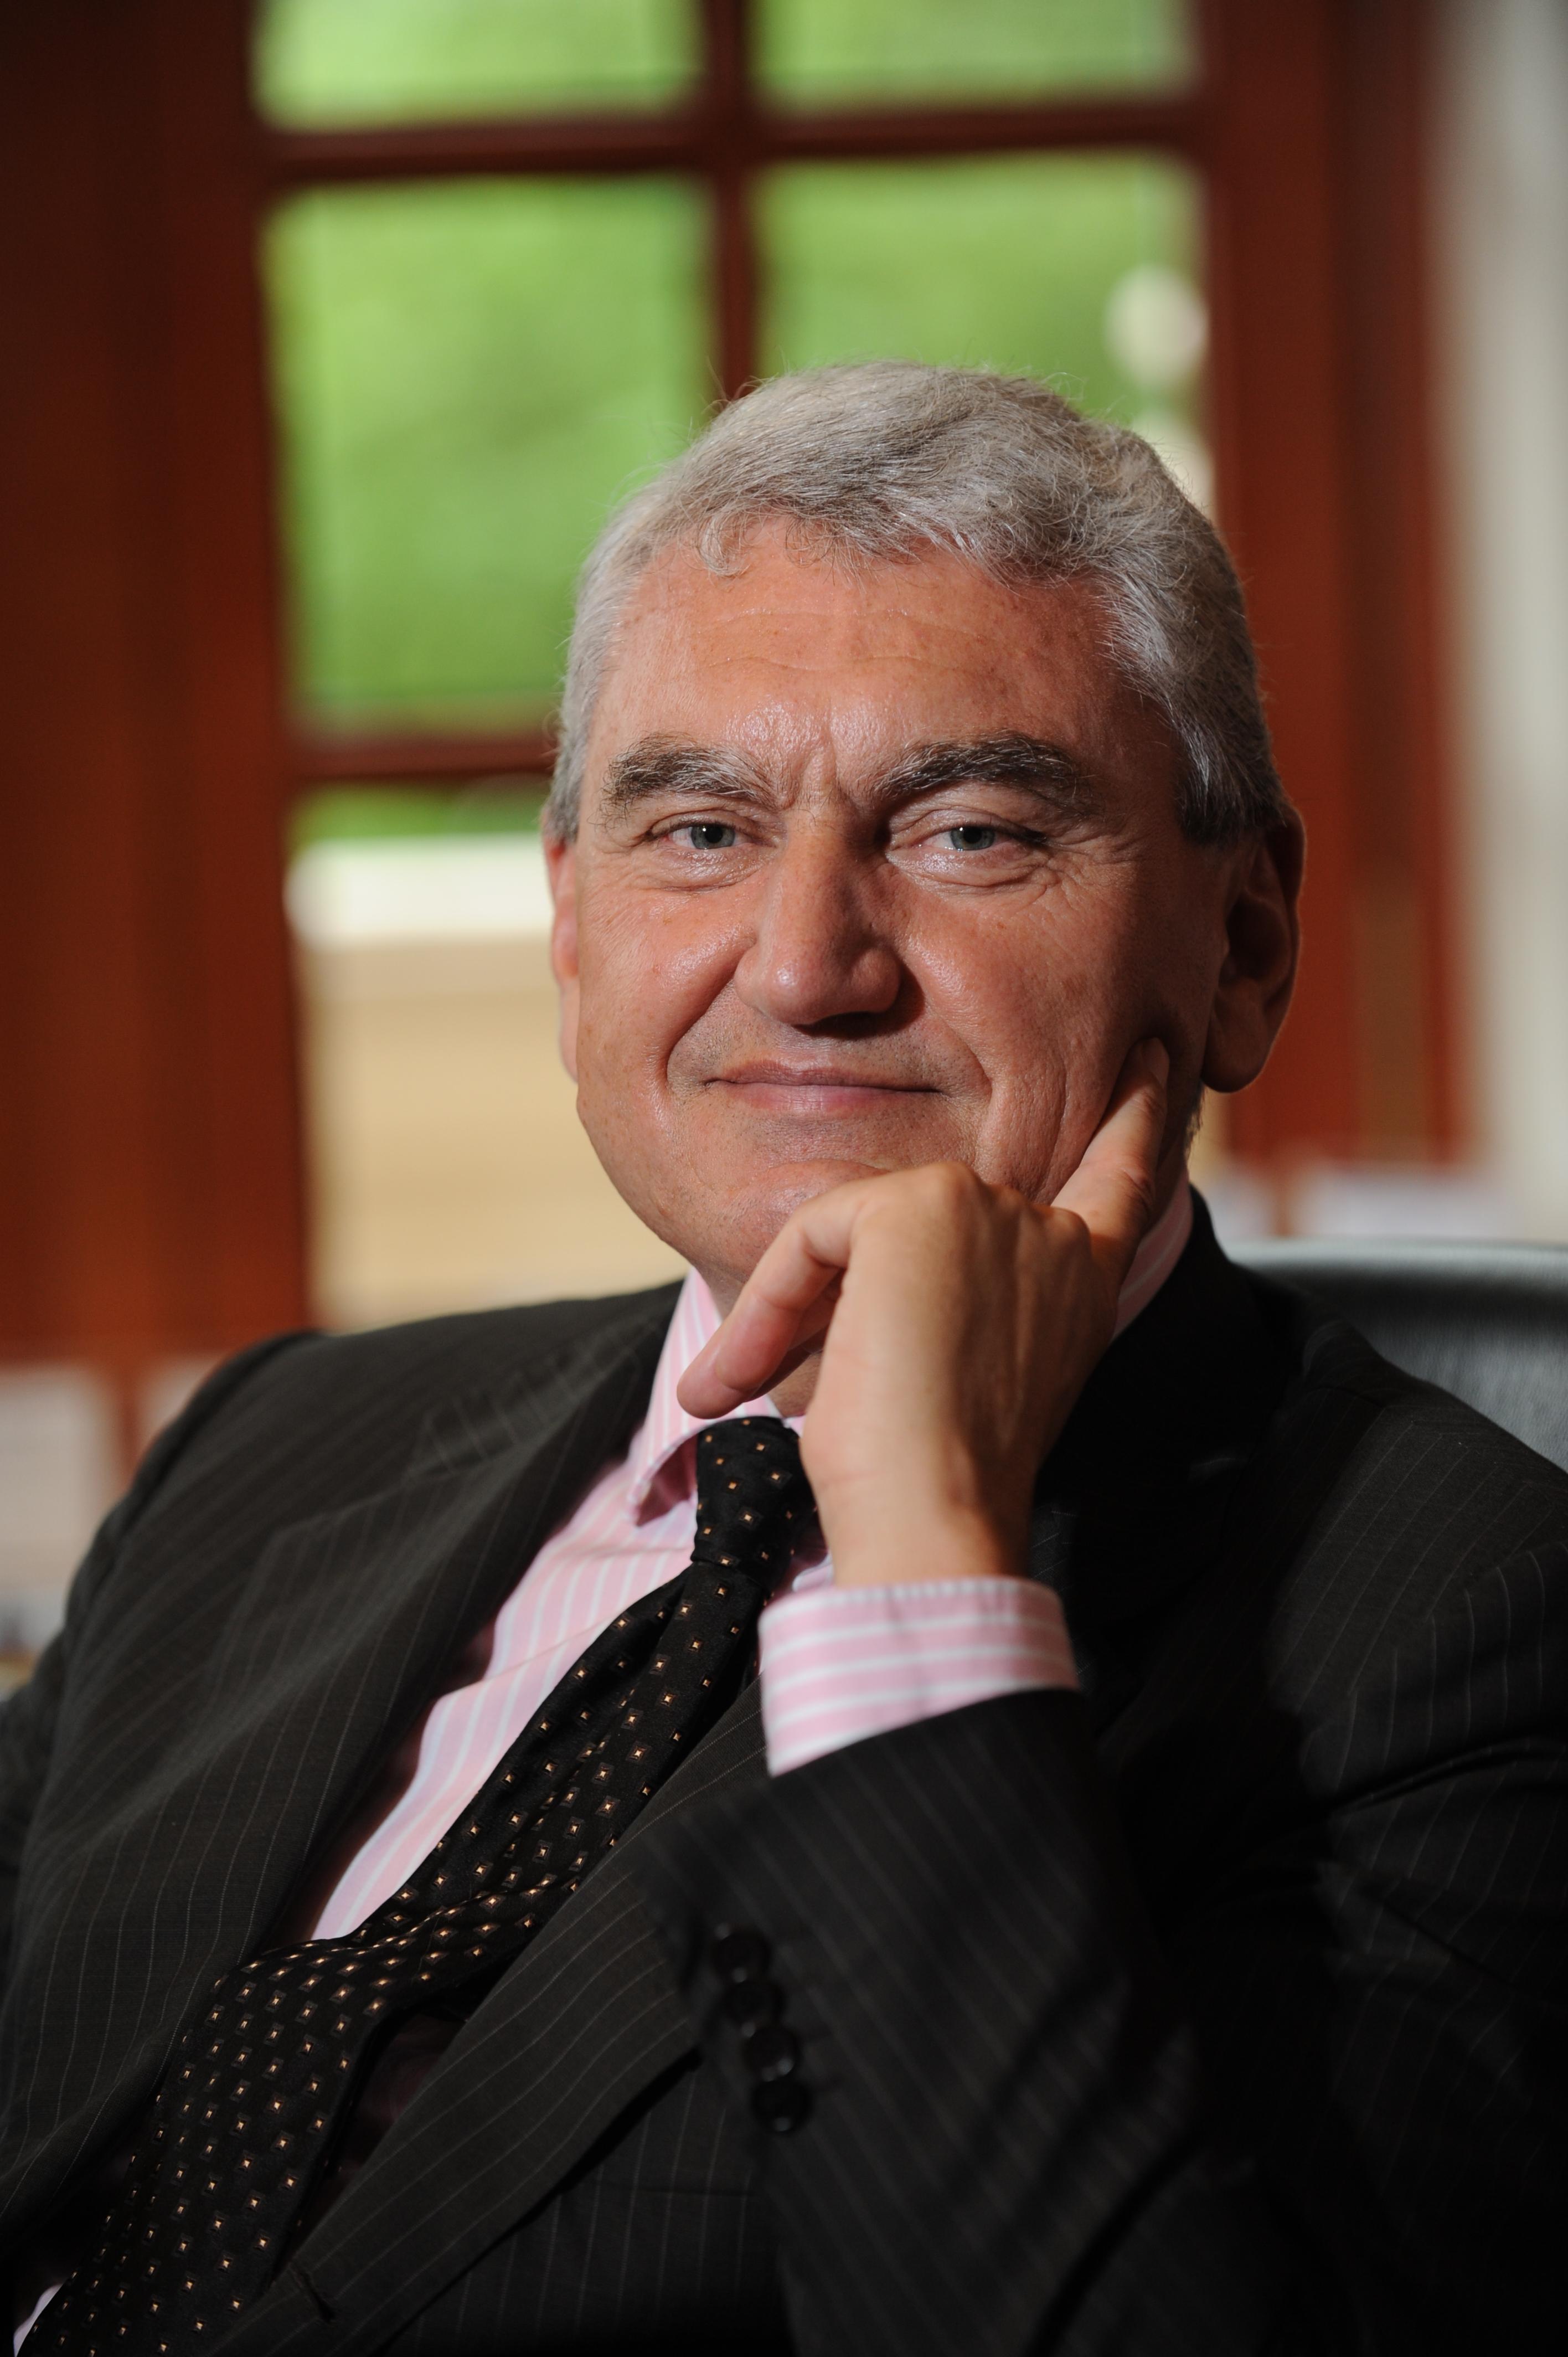 Mişu Negriţoiu (ING): Să ne felicităm că am supravieţuit primei crize financiare din istoria României capitaliste